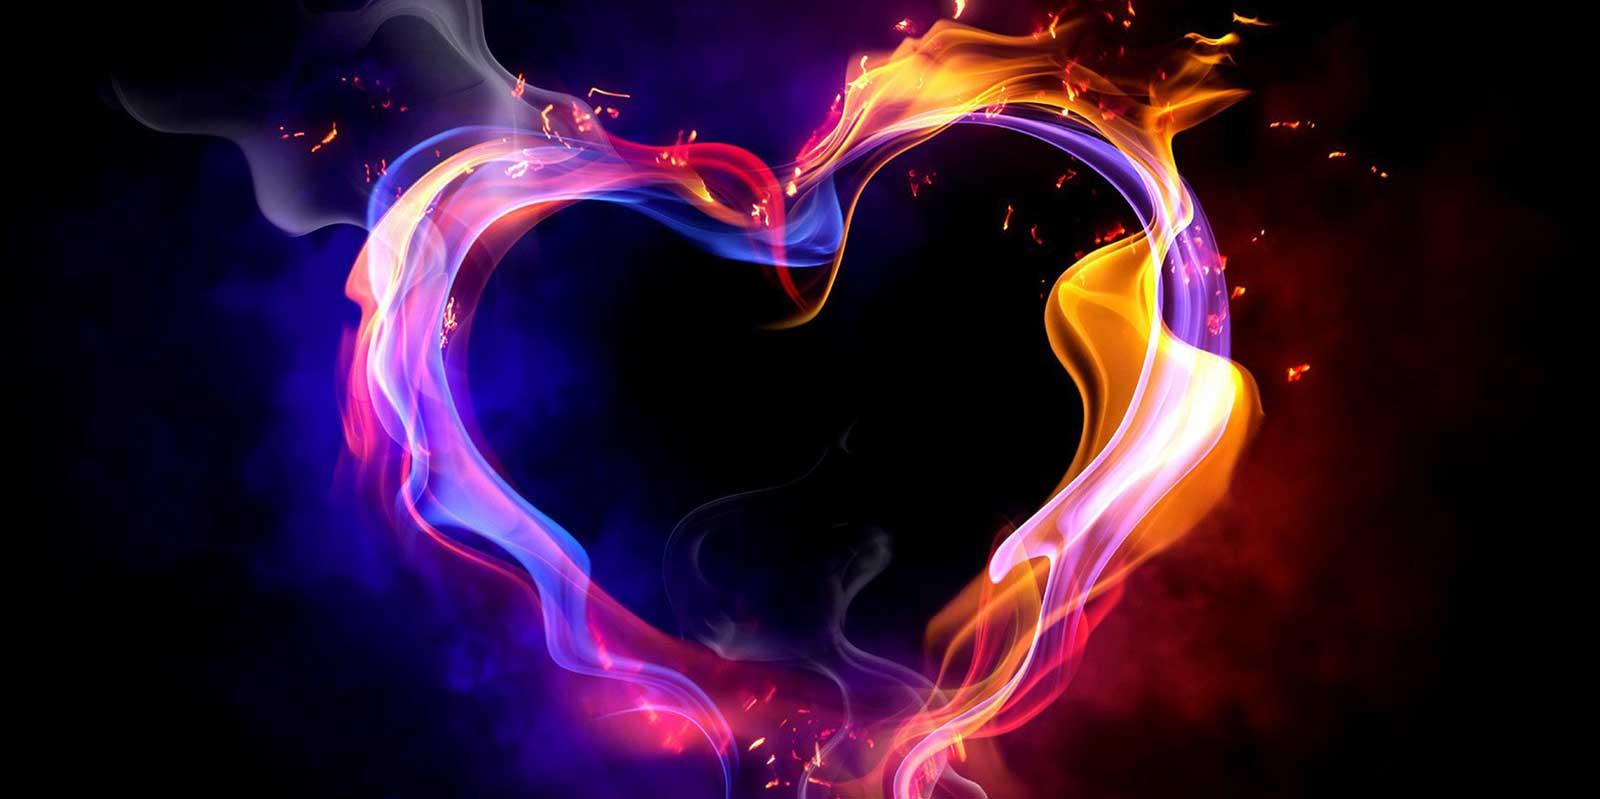 آتش عشق (مجموعه اشعار مسعود مردیها)